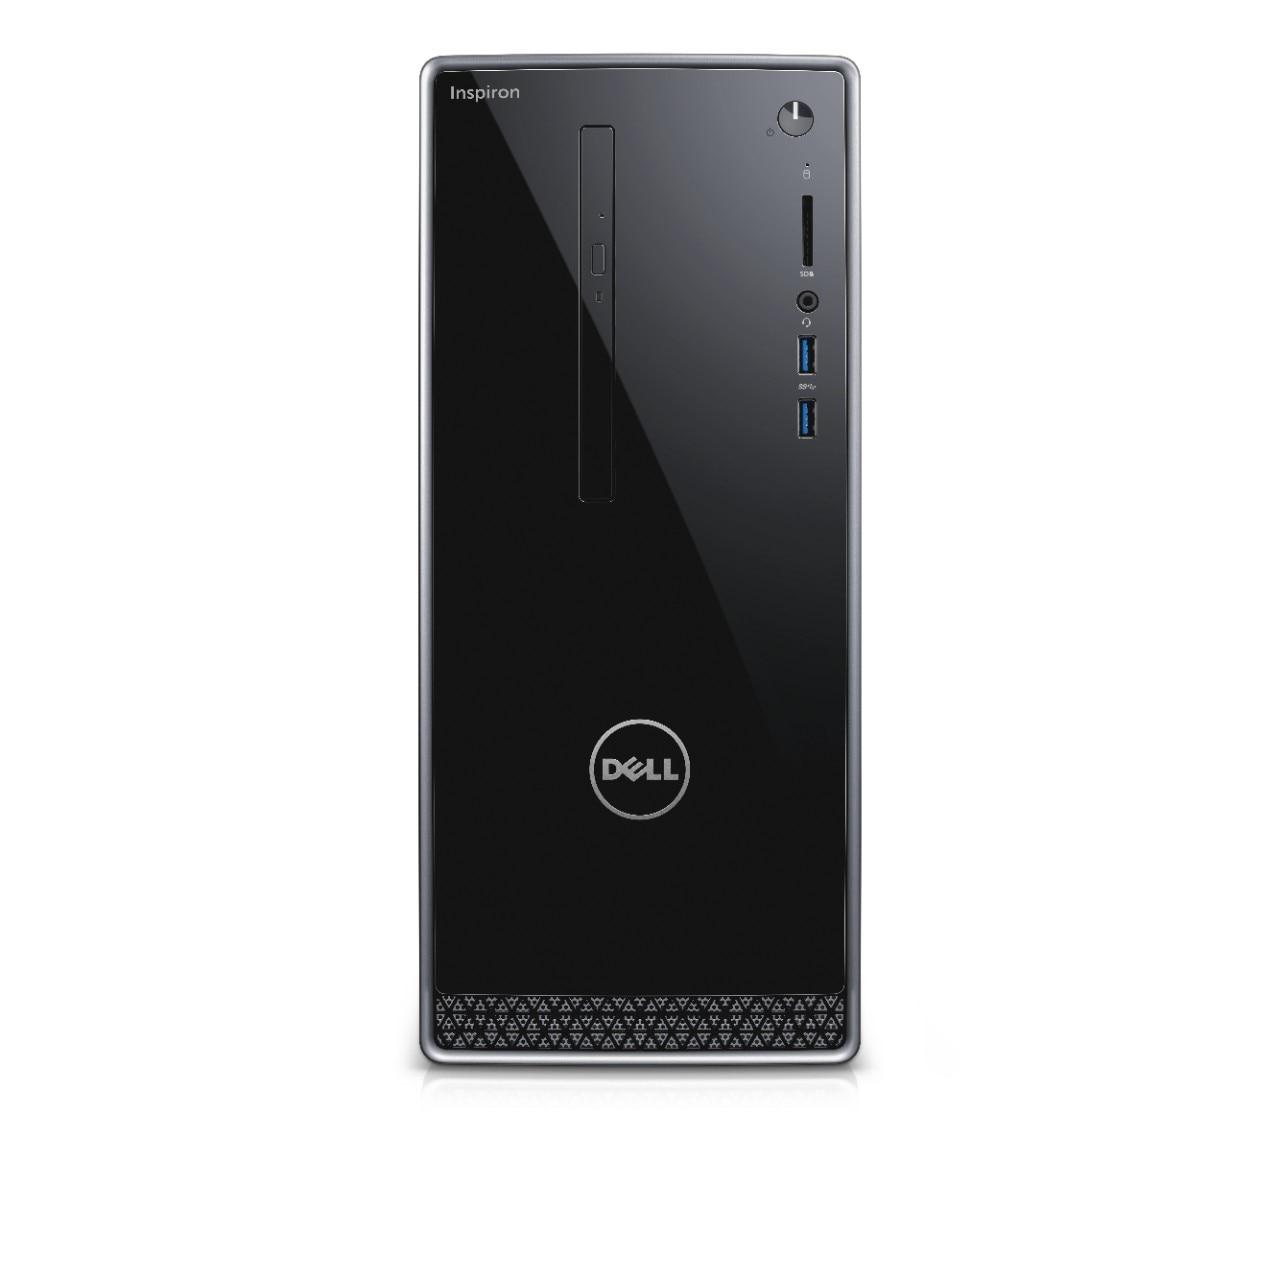 Dell Outlet Inspiron 3668 Desktops - 25% off